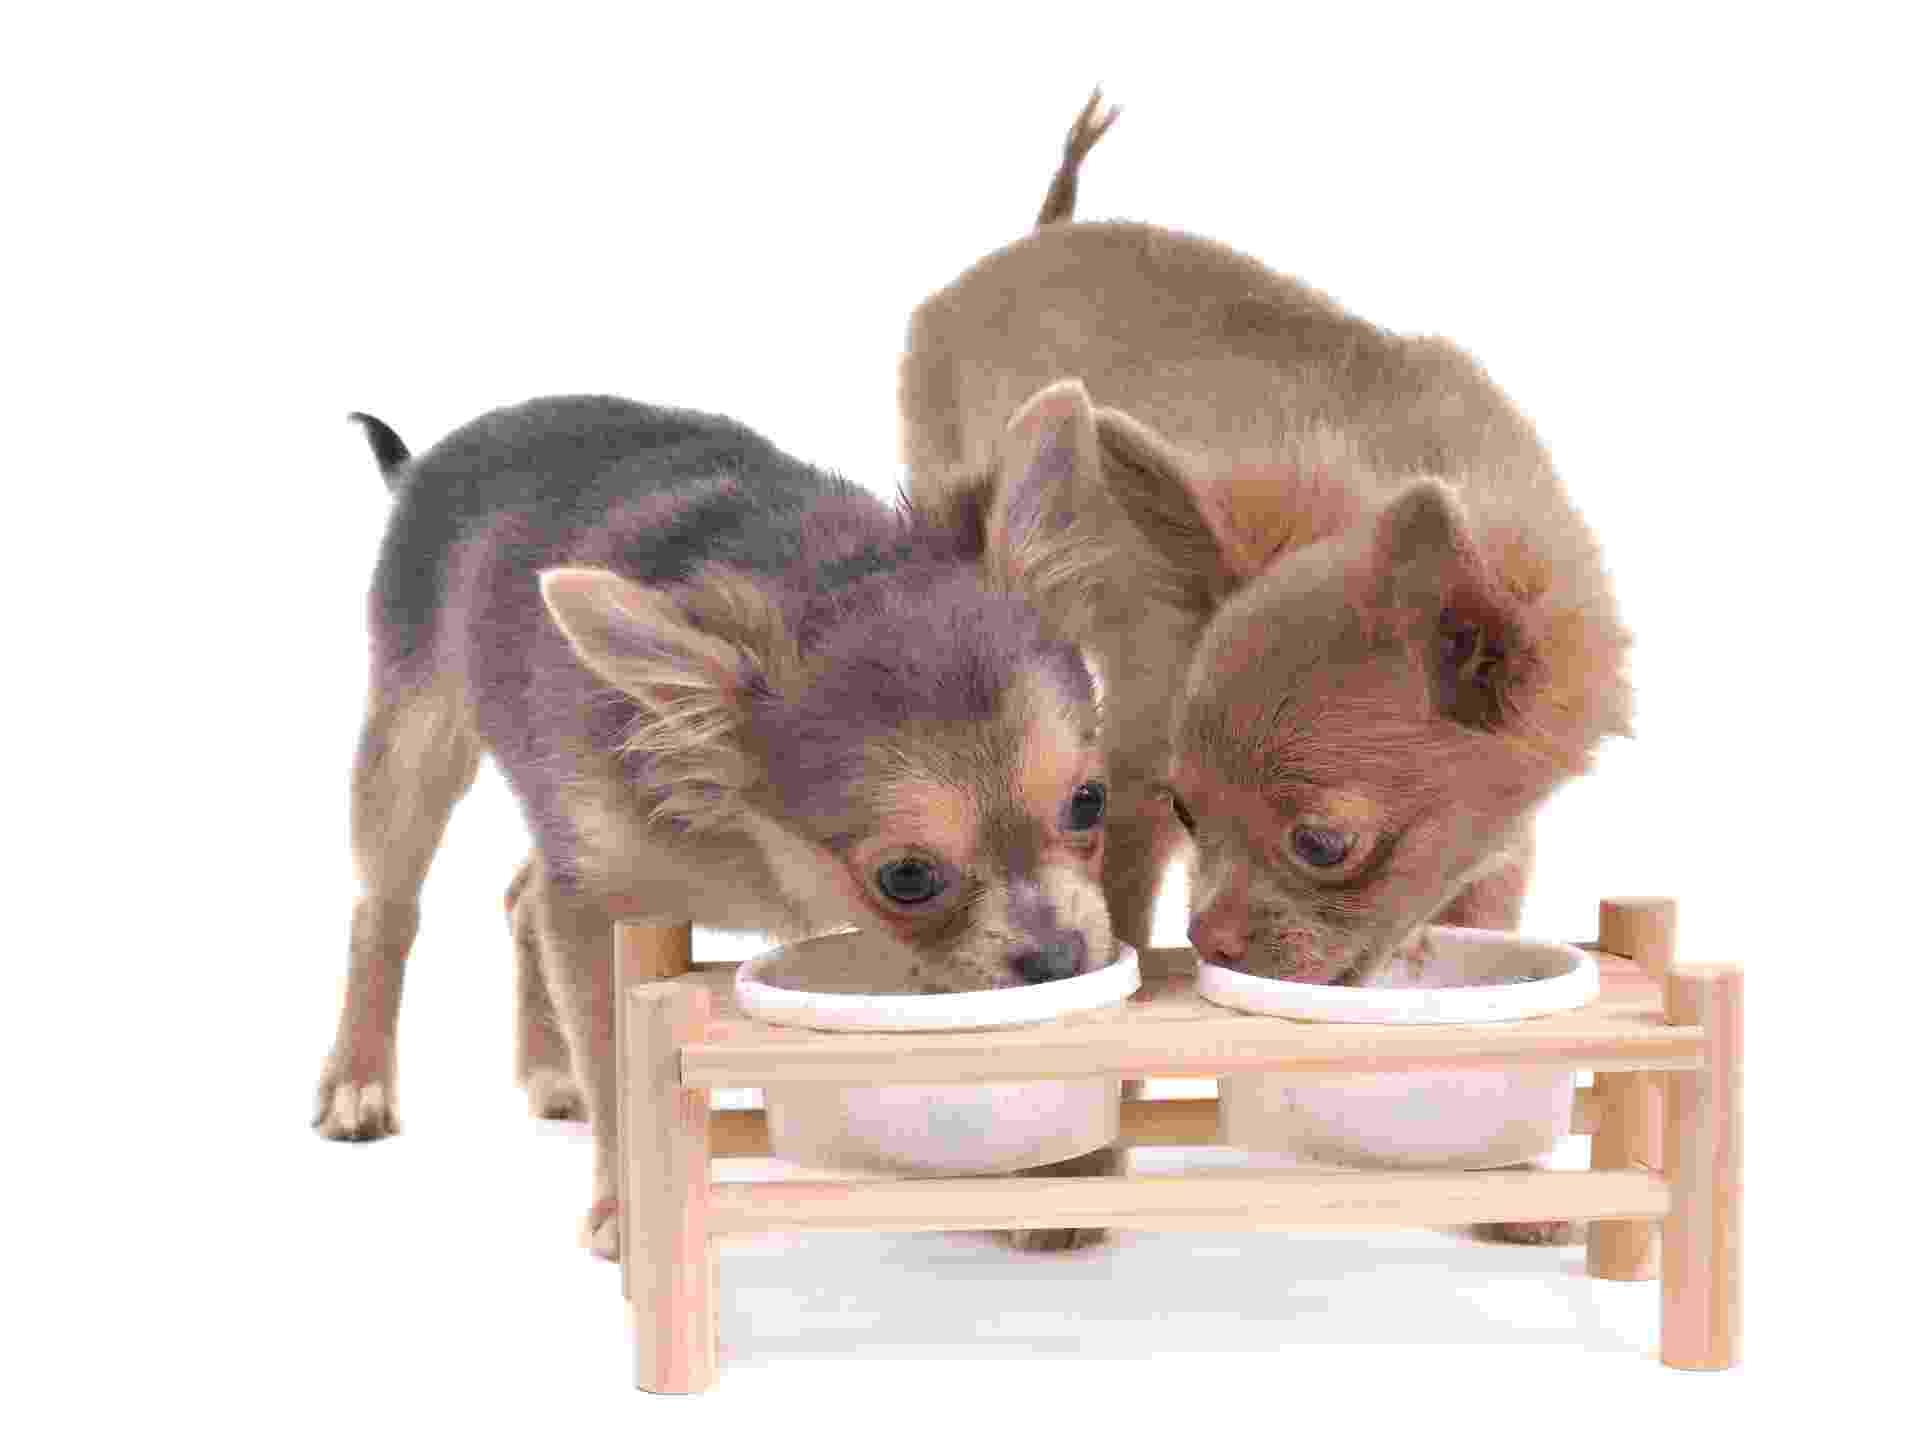 dois cachorros chihuahua comem e bebem; bebedouro, comedouro, cães, pets - Getty Images/iStockphoto